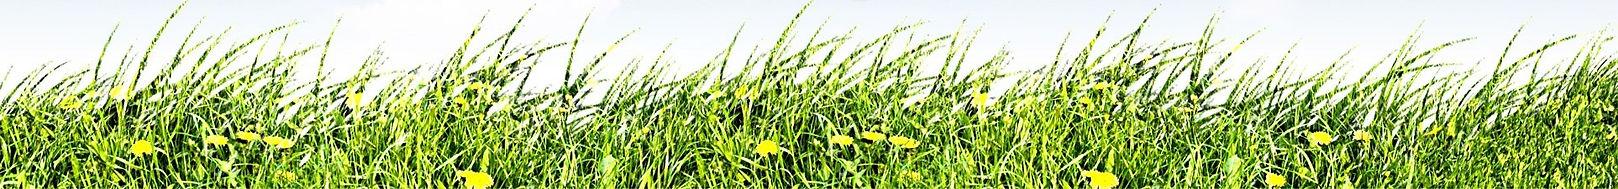 живые ростки пшеницы и хлорофилл